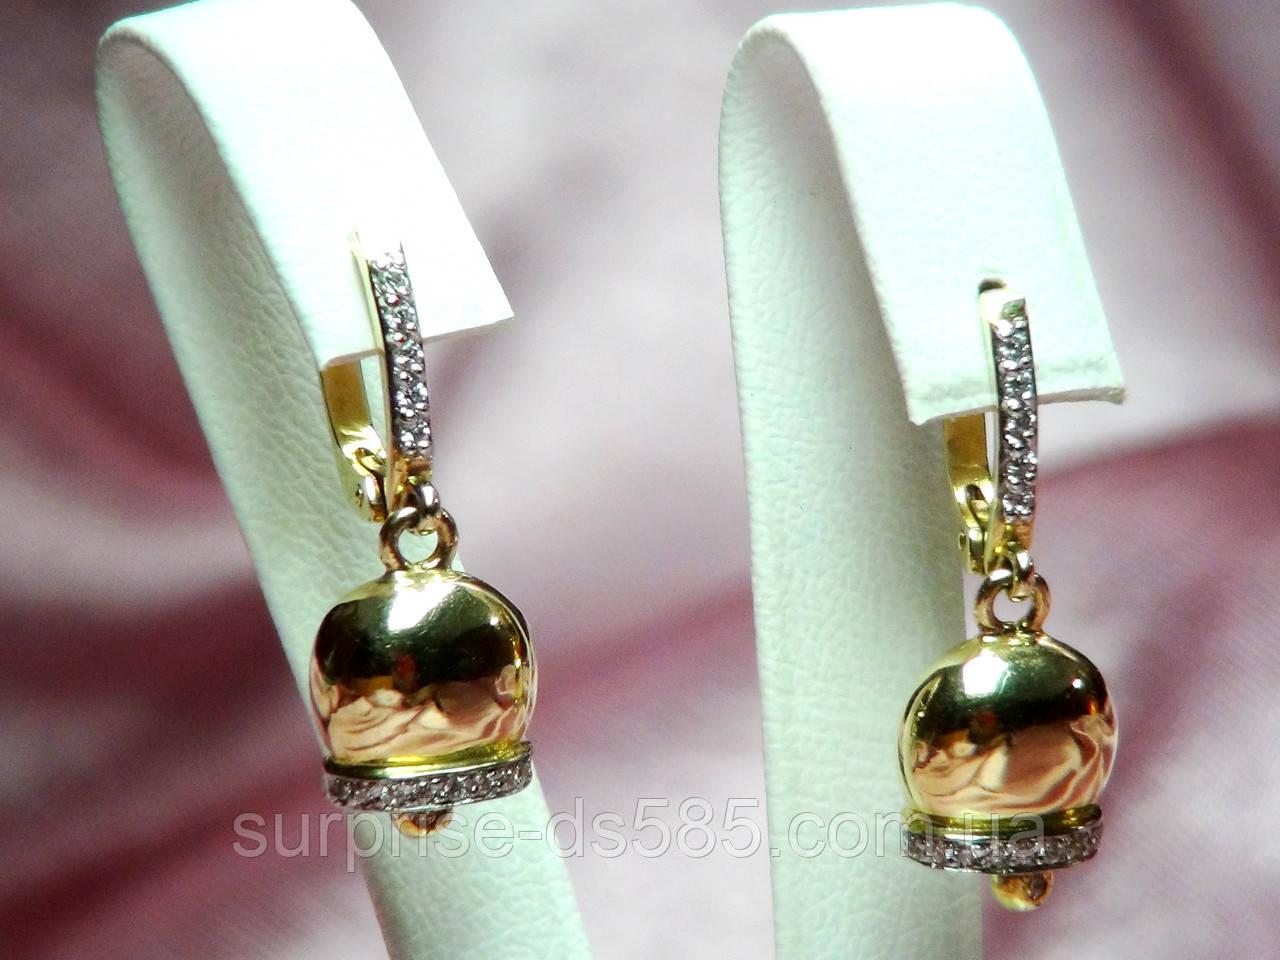 1d9921fa0eef Серьги золотые 585 пробы колокольчики инкрустированные фианитами - Интернет  магазин ювелирных изделий